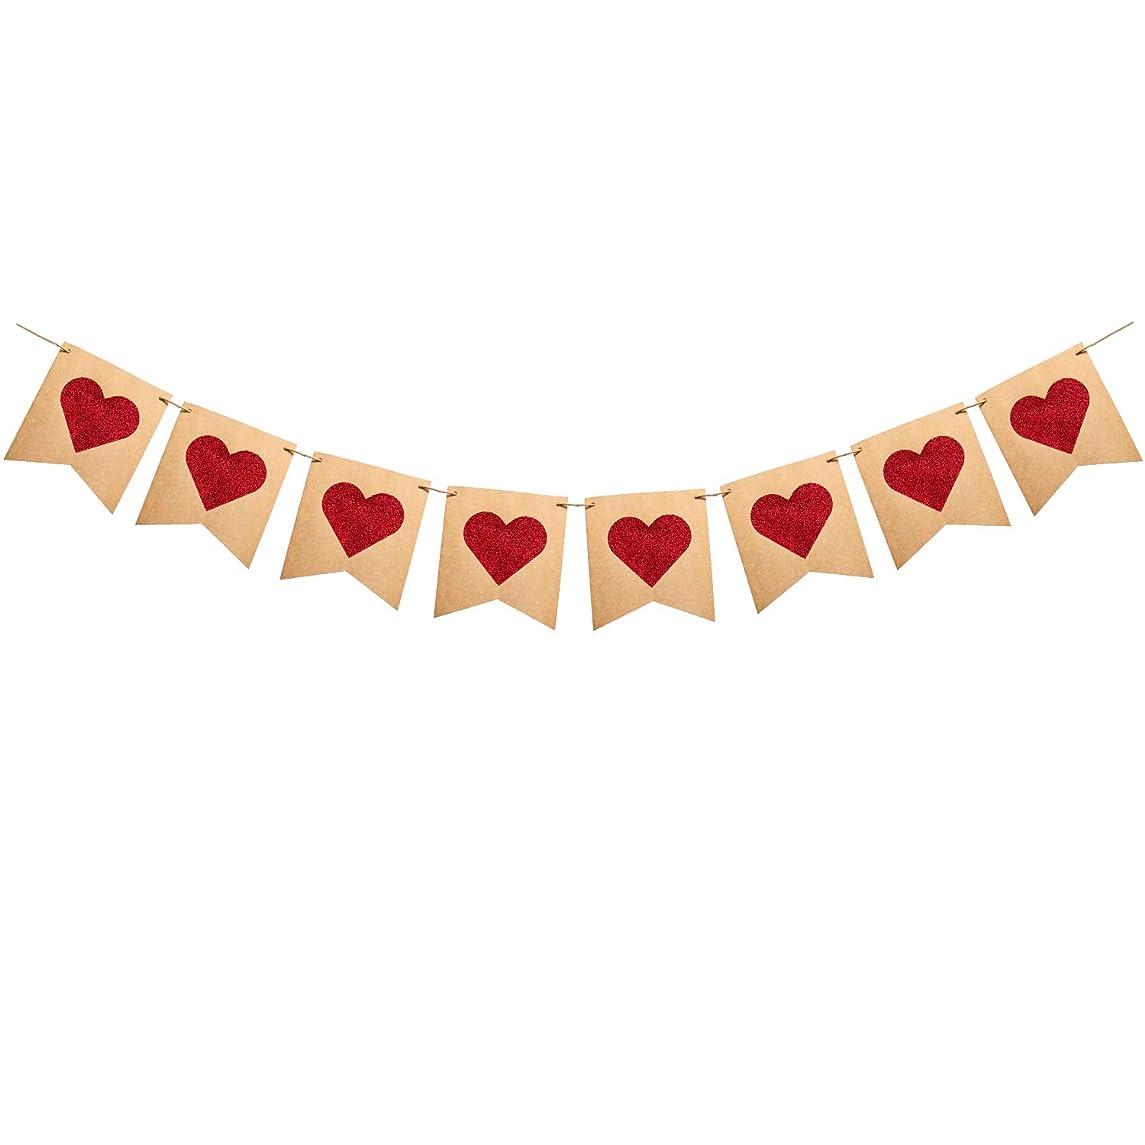 Glitter Heart Valentines Day Decorations - Kraft Paper Red Heart Decor for Valentines Day Backdrops Wedding Birthday Party Supplies